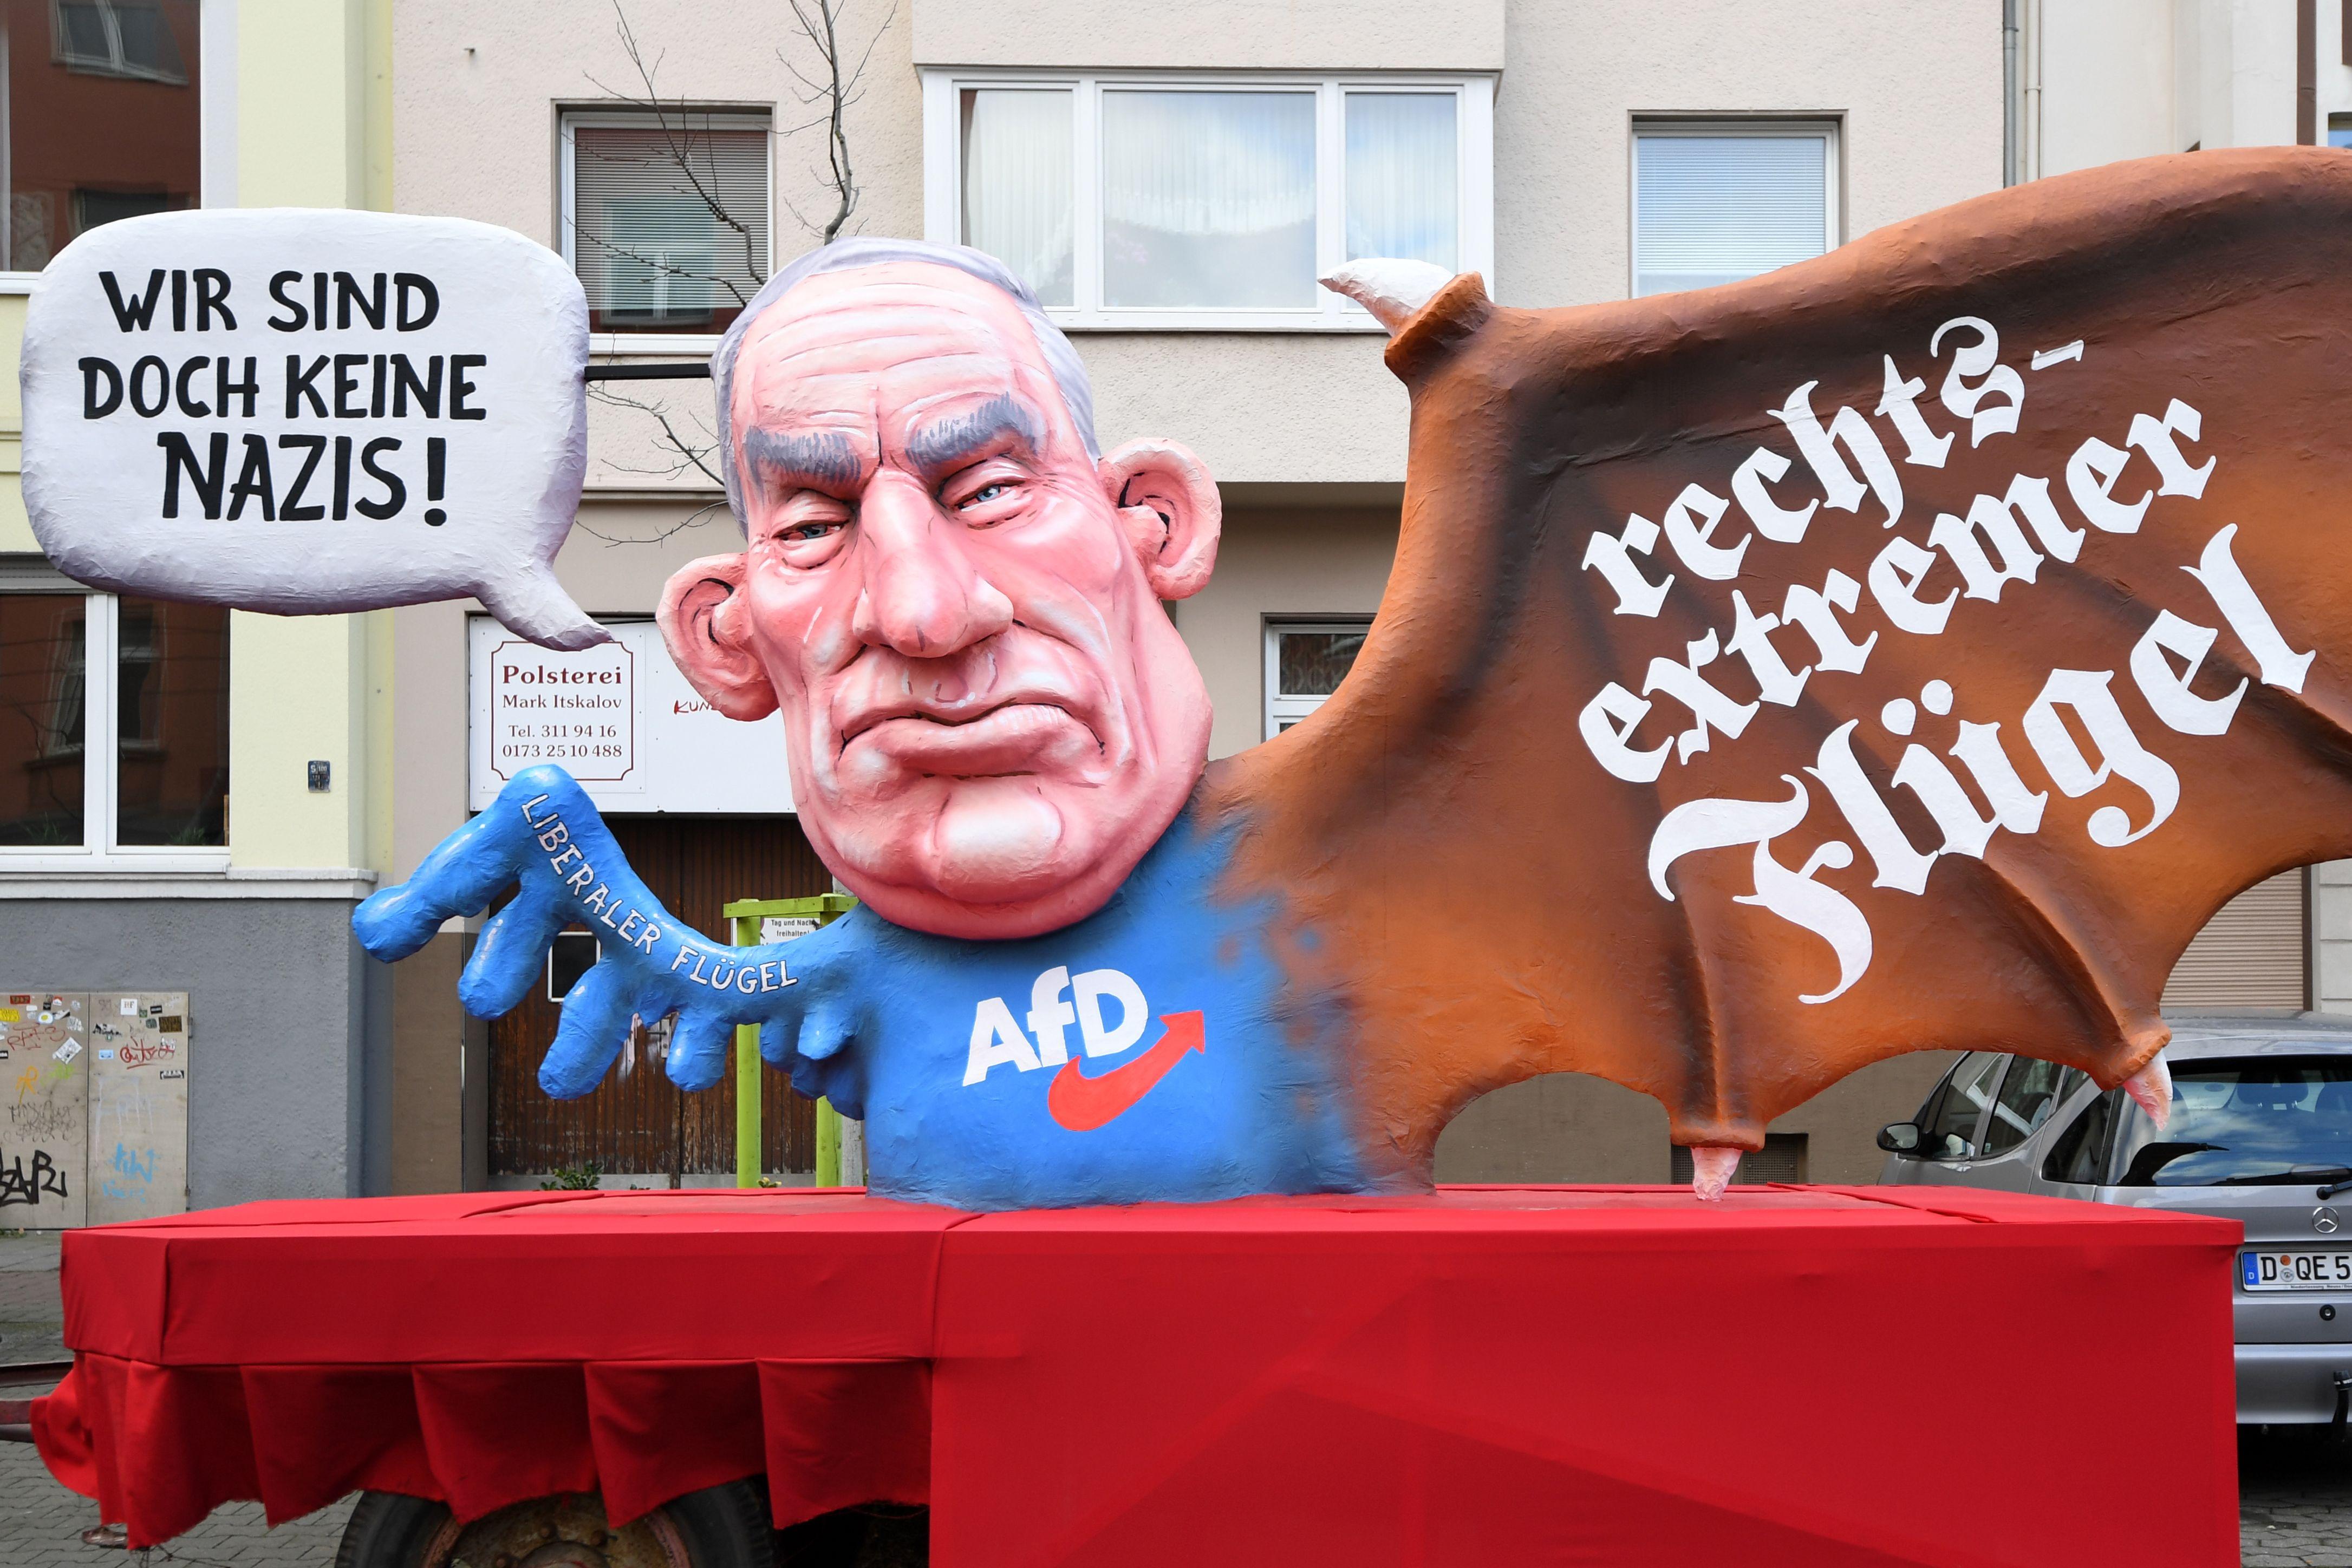 ألكسندر جولاند زعيم المجموعة البرلمانية للحزب اليمينى المتطرف